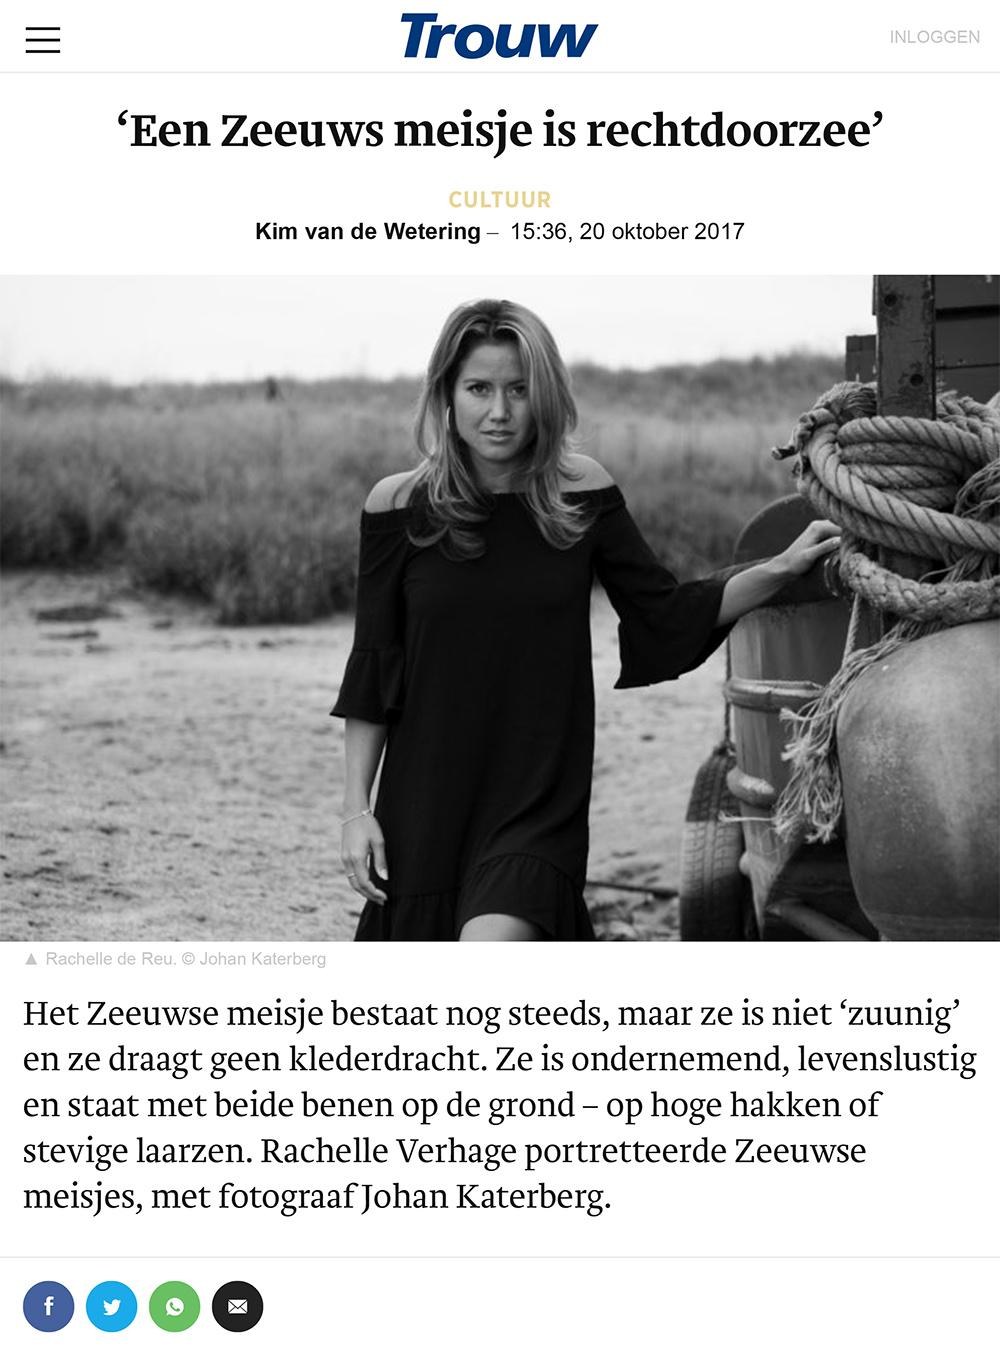 Op zoek naar het echte Zeeuwse meisje - Fotograaf Johan Katerberg